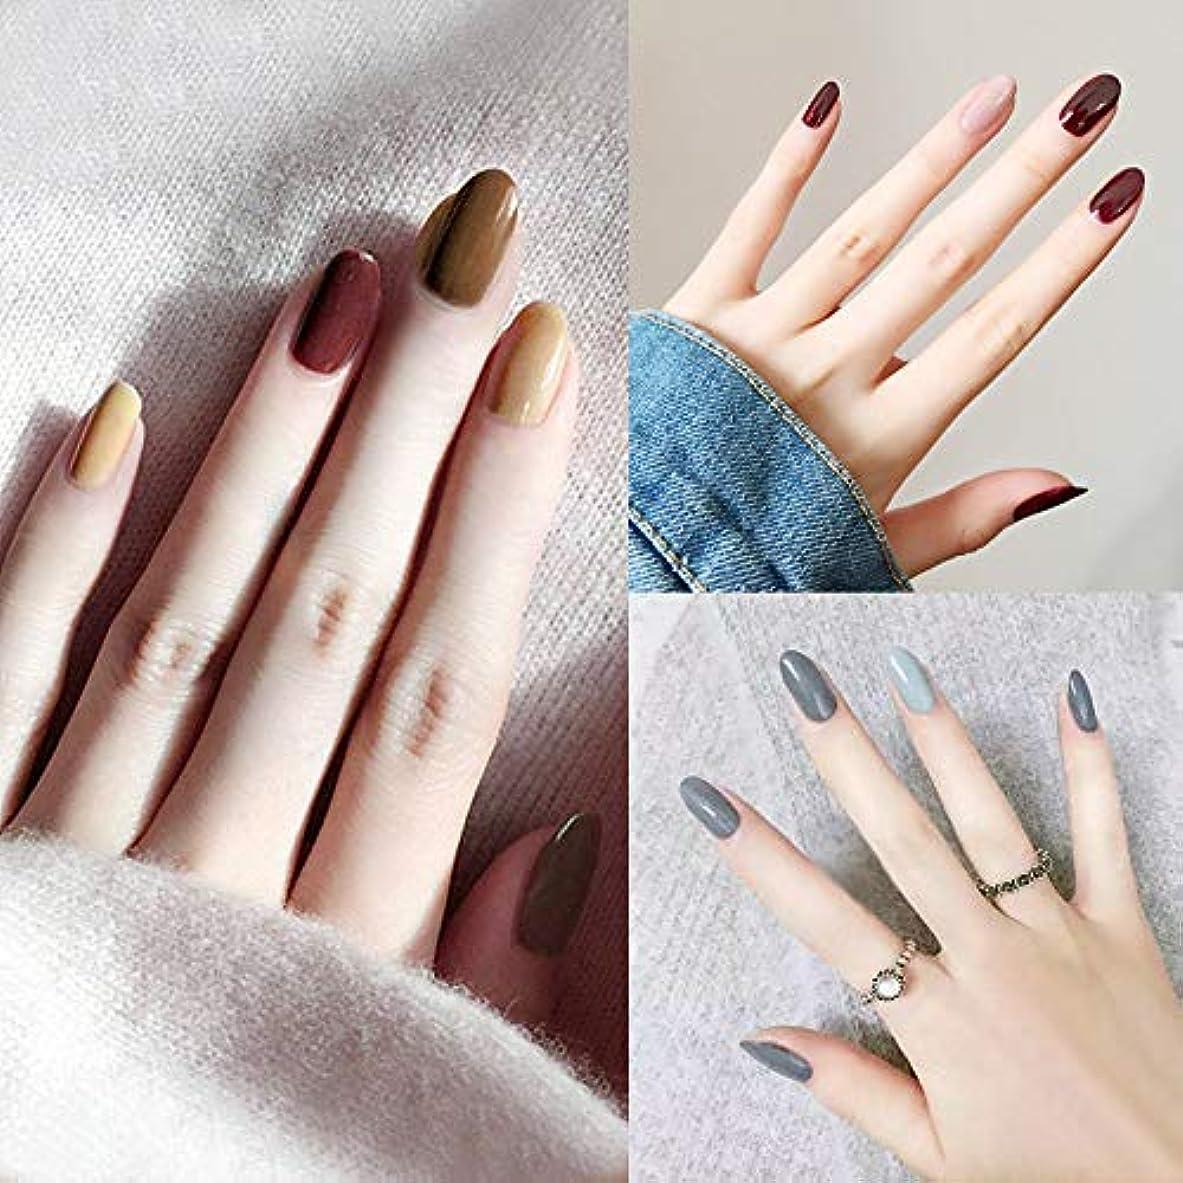 出費忘れられない暗唱するファッションレッドクリームインクハリスタイル偽爪純粋な色偽爪24ピースフルブライダルネイルのヒント滑らかな指装飾のヒント接着剤付き人工爪